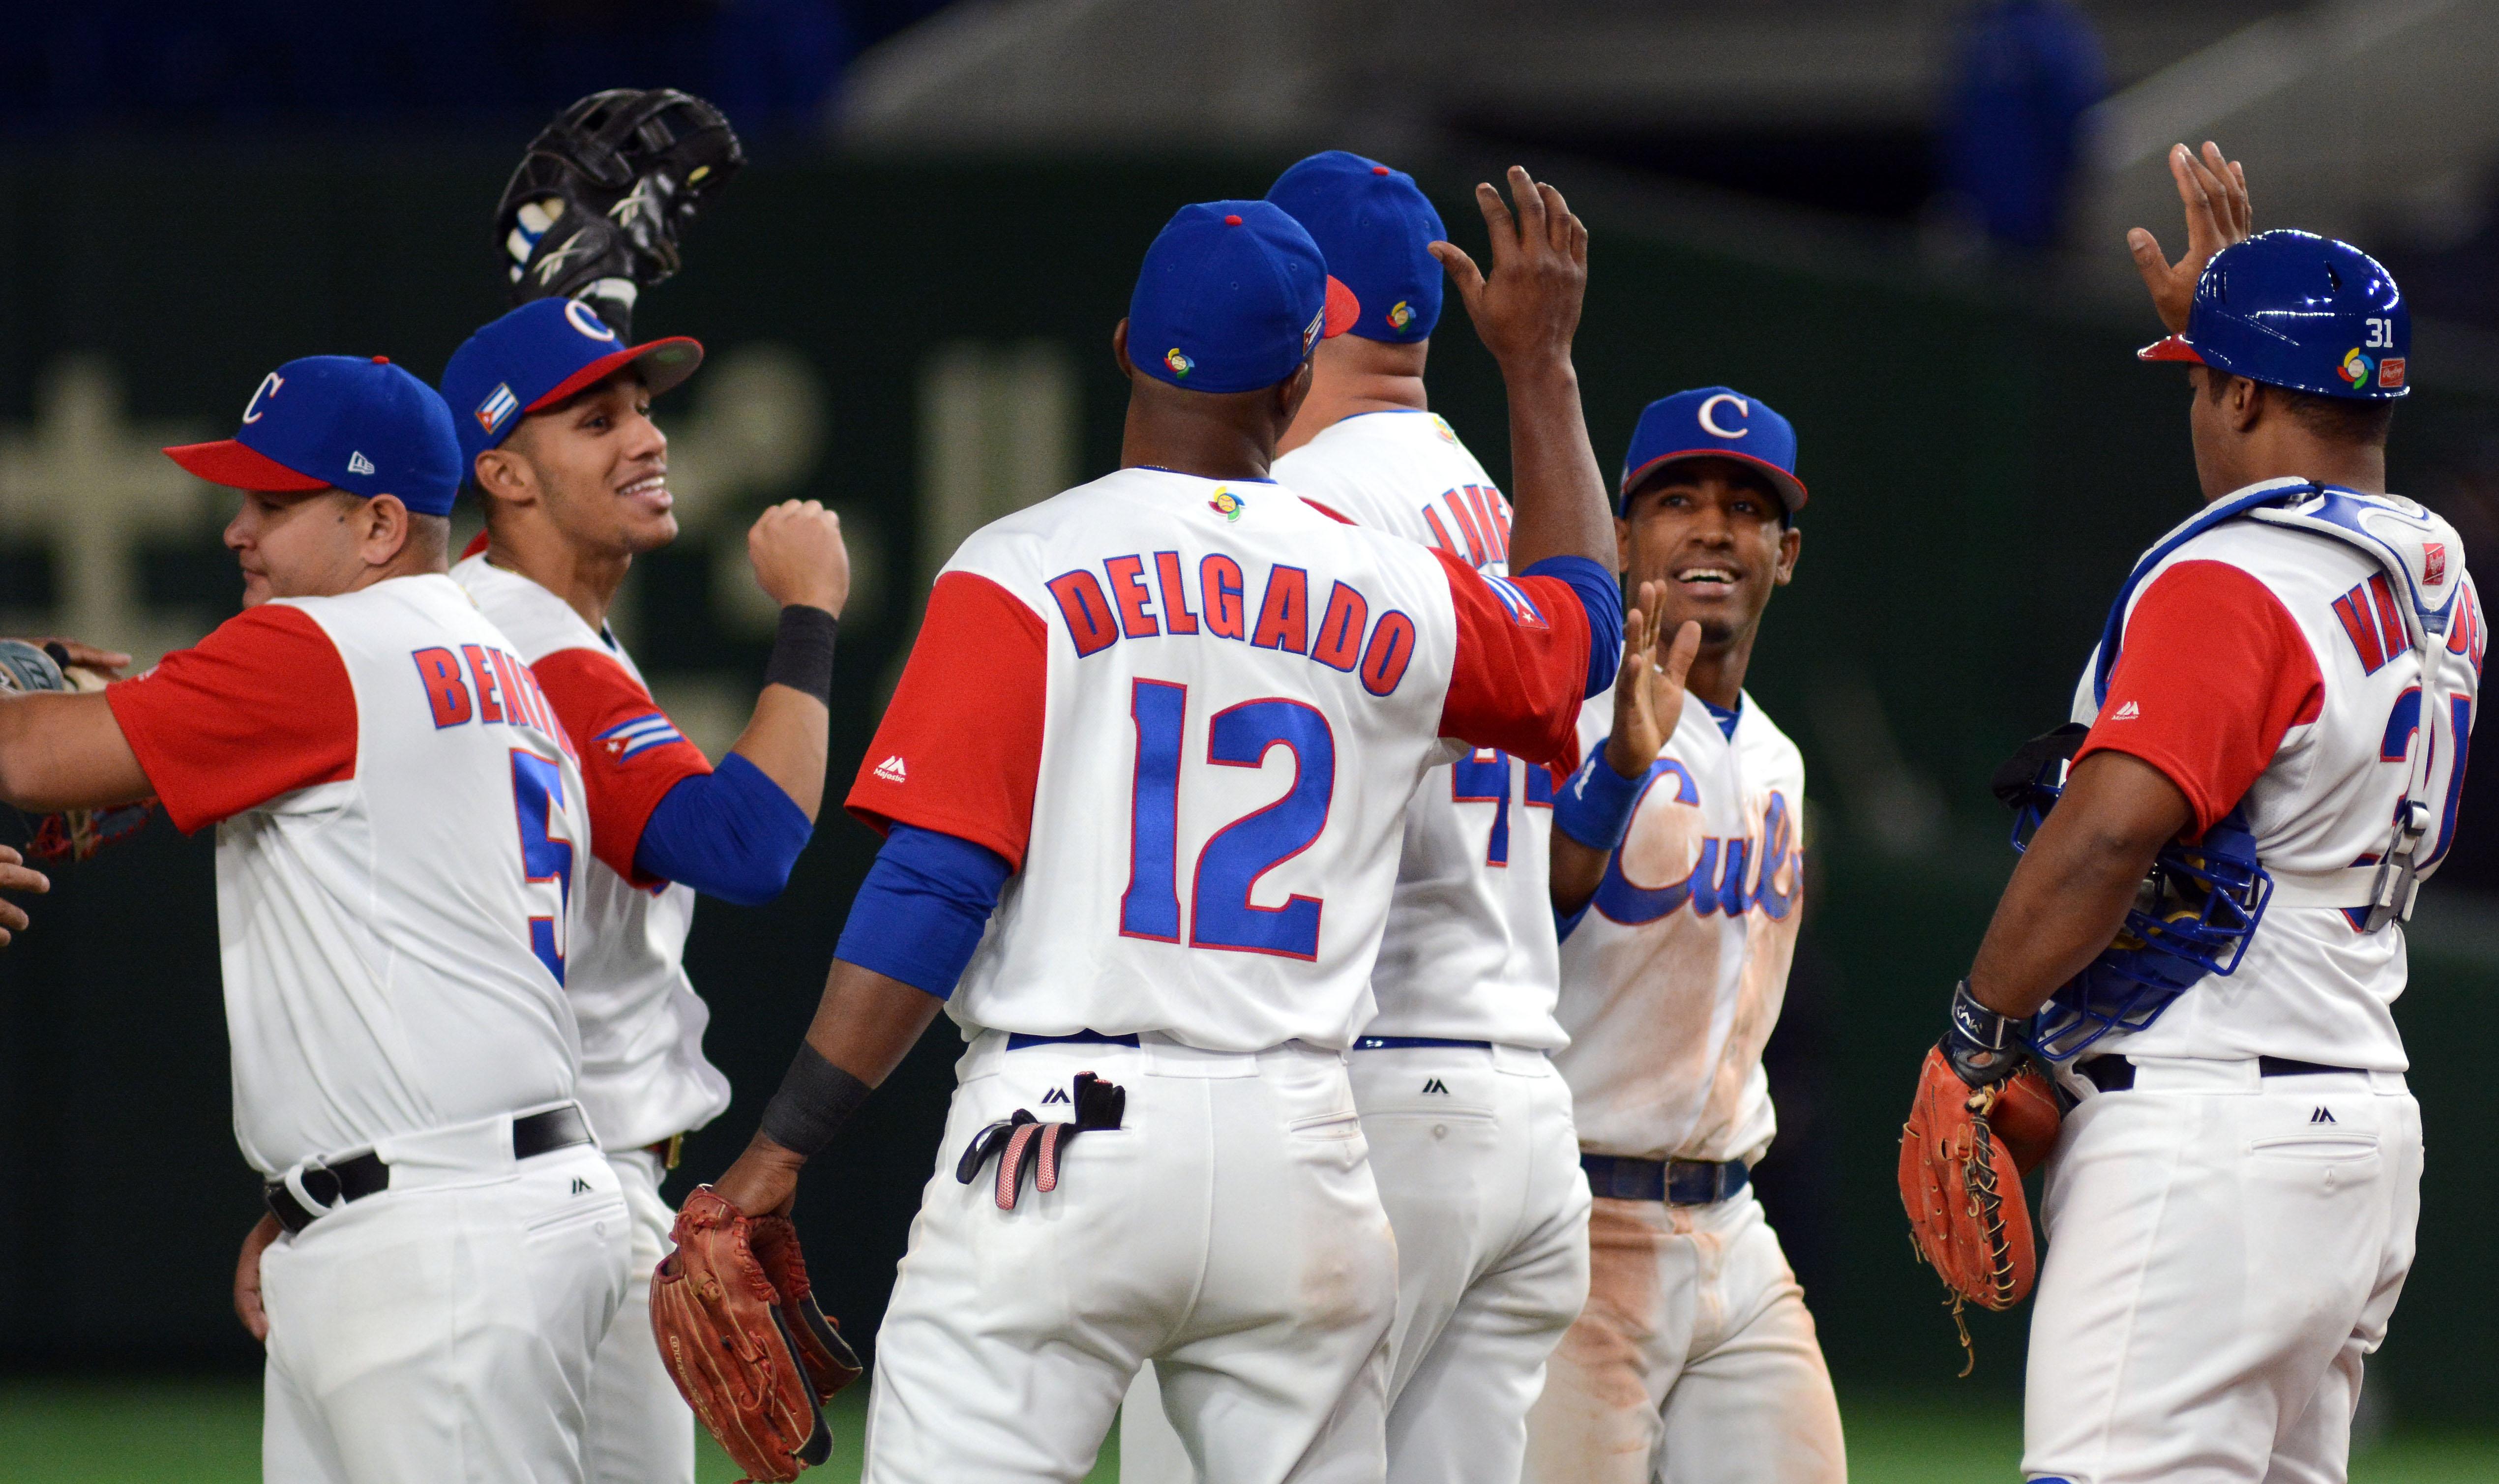 Seis peloteros cubanos a la Liga Can Am